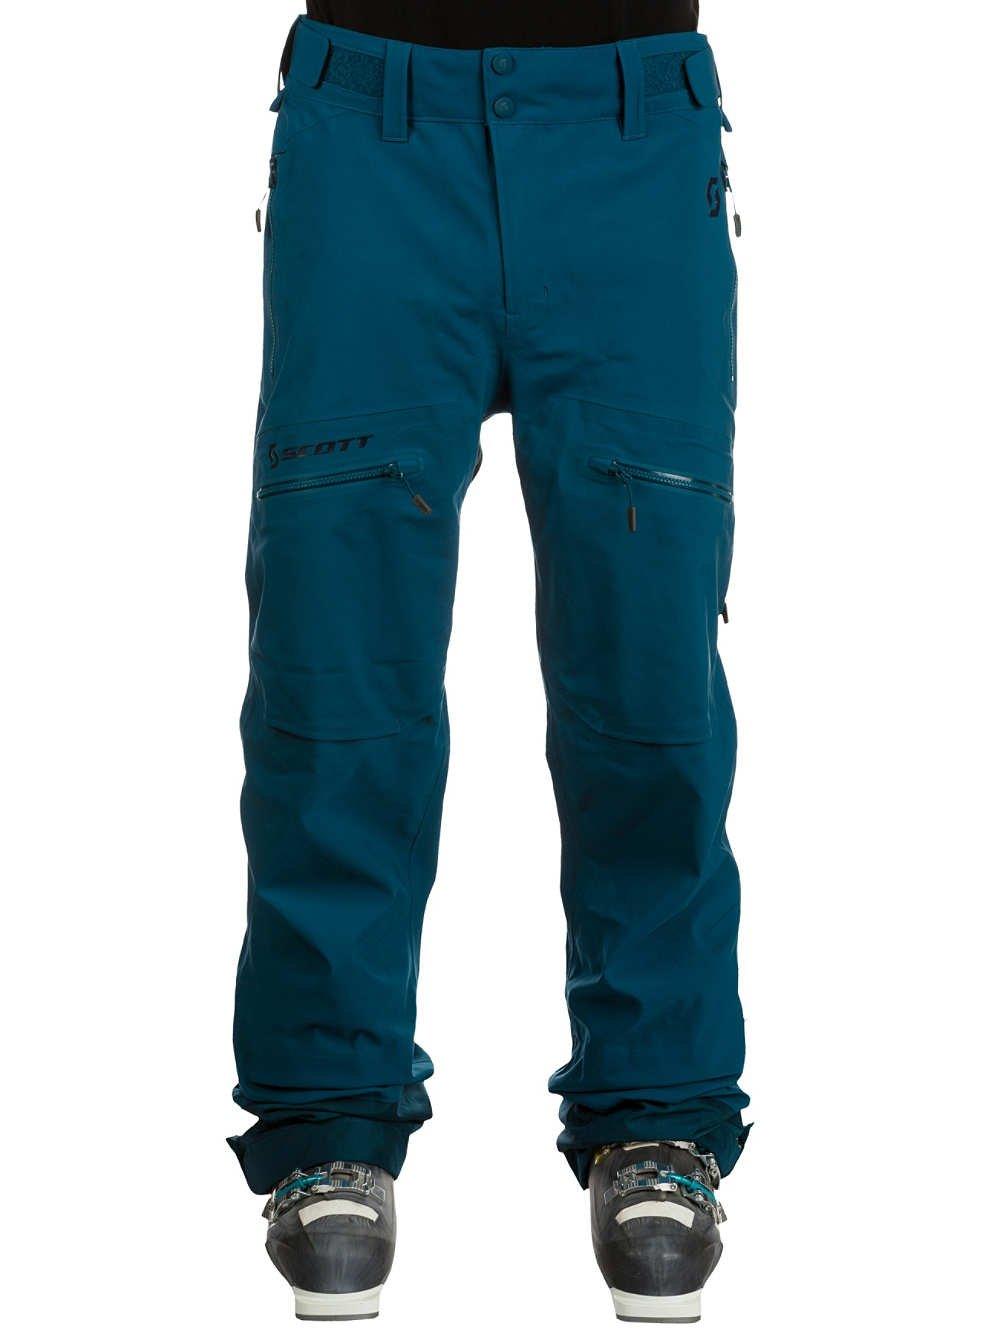 Pantaloni da snowboard Scott verdeIC GTX GTX GTX 3L Hose, Uomo, royal rosso, XLB071S95JBVXXL lunar blu   Diversificate Nella Confezione    Prezzo ottimale    marche    Acquisti    Nuovo Arrivo    Prezzo Pazzesco  d4f660